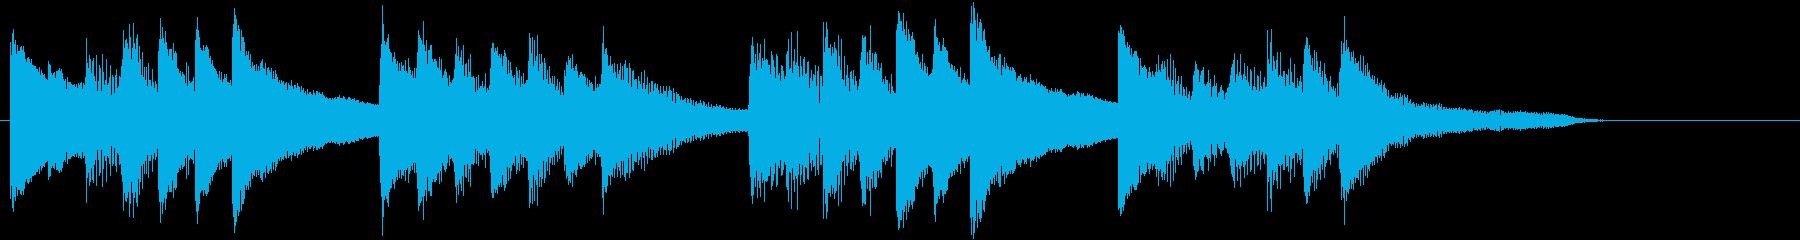 和風で温もりのあるポカポカピアノジングルの再生済みの波形